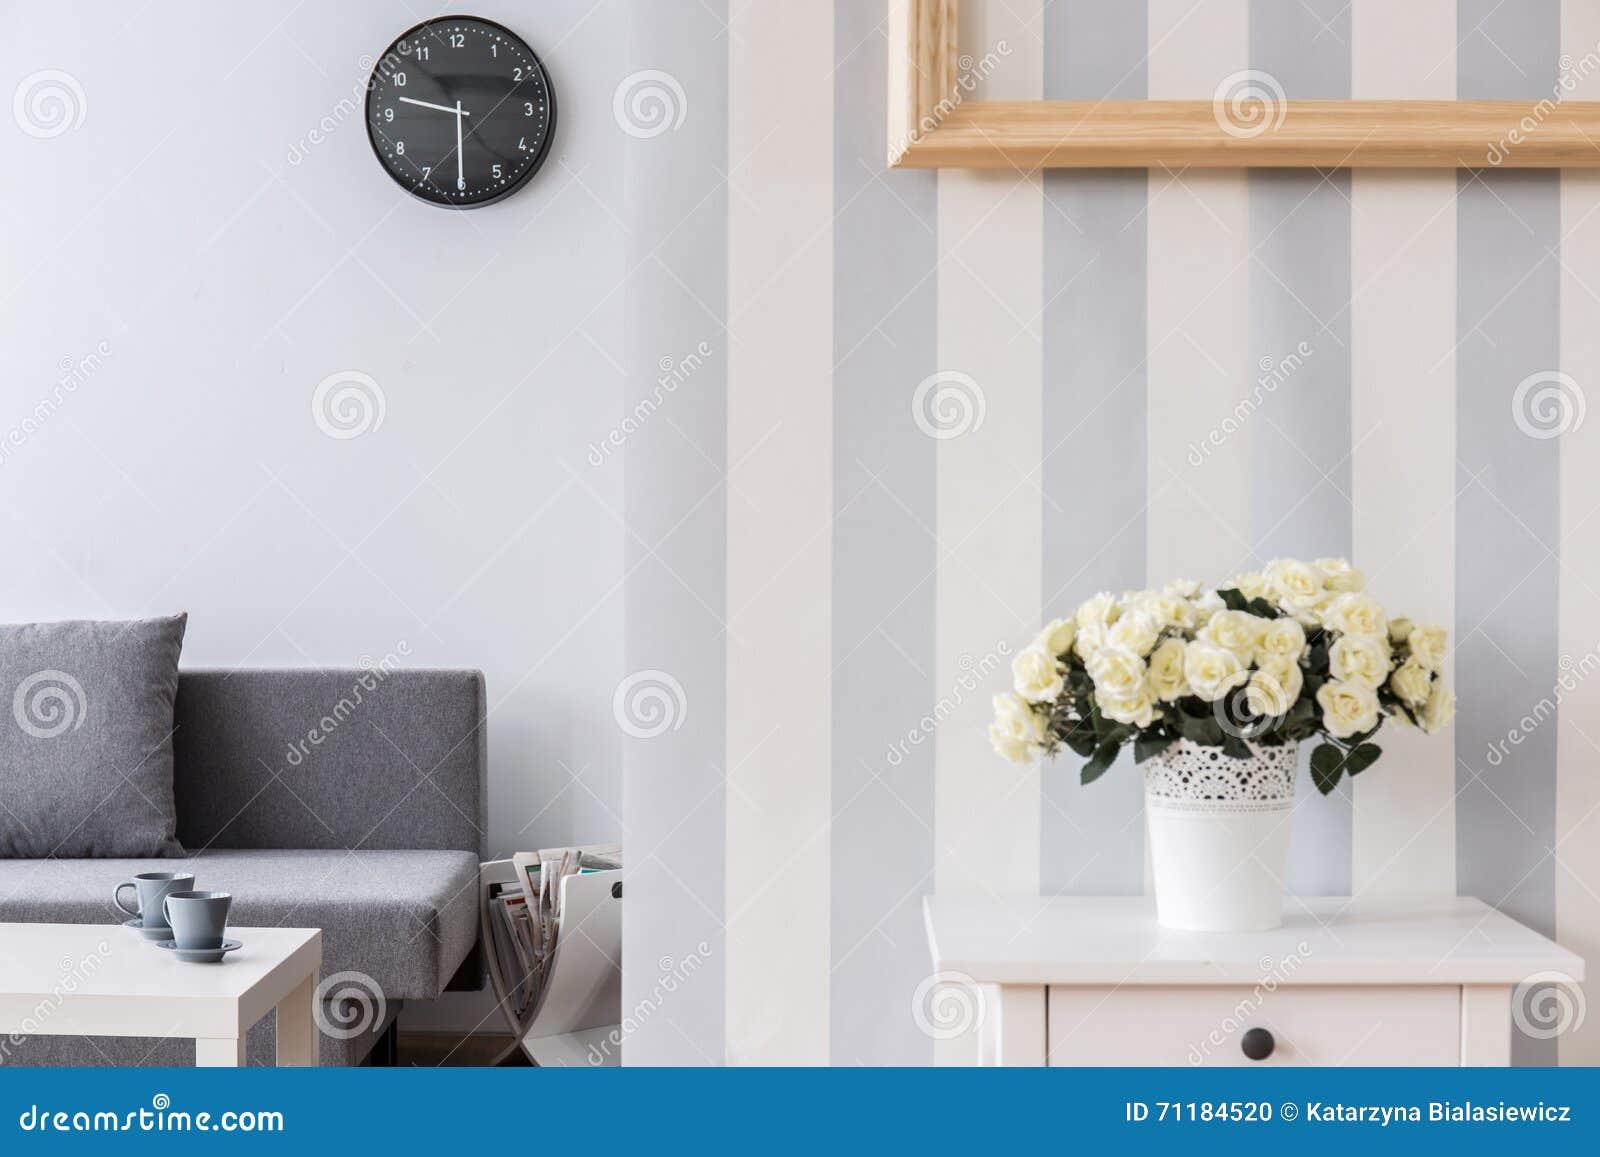 romantische en moderne woonkamer in heldere kleuren stock foto, Deco ideeën